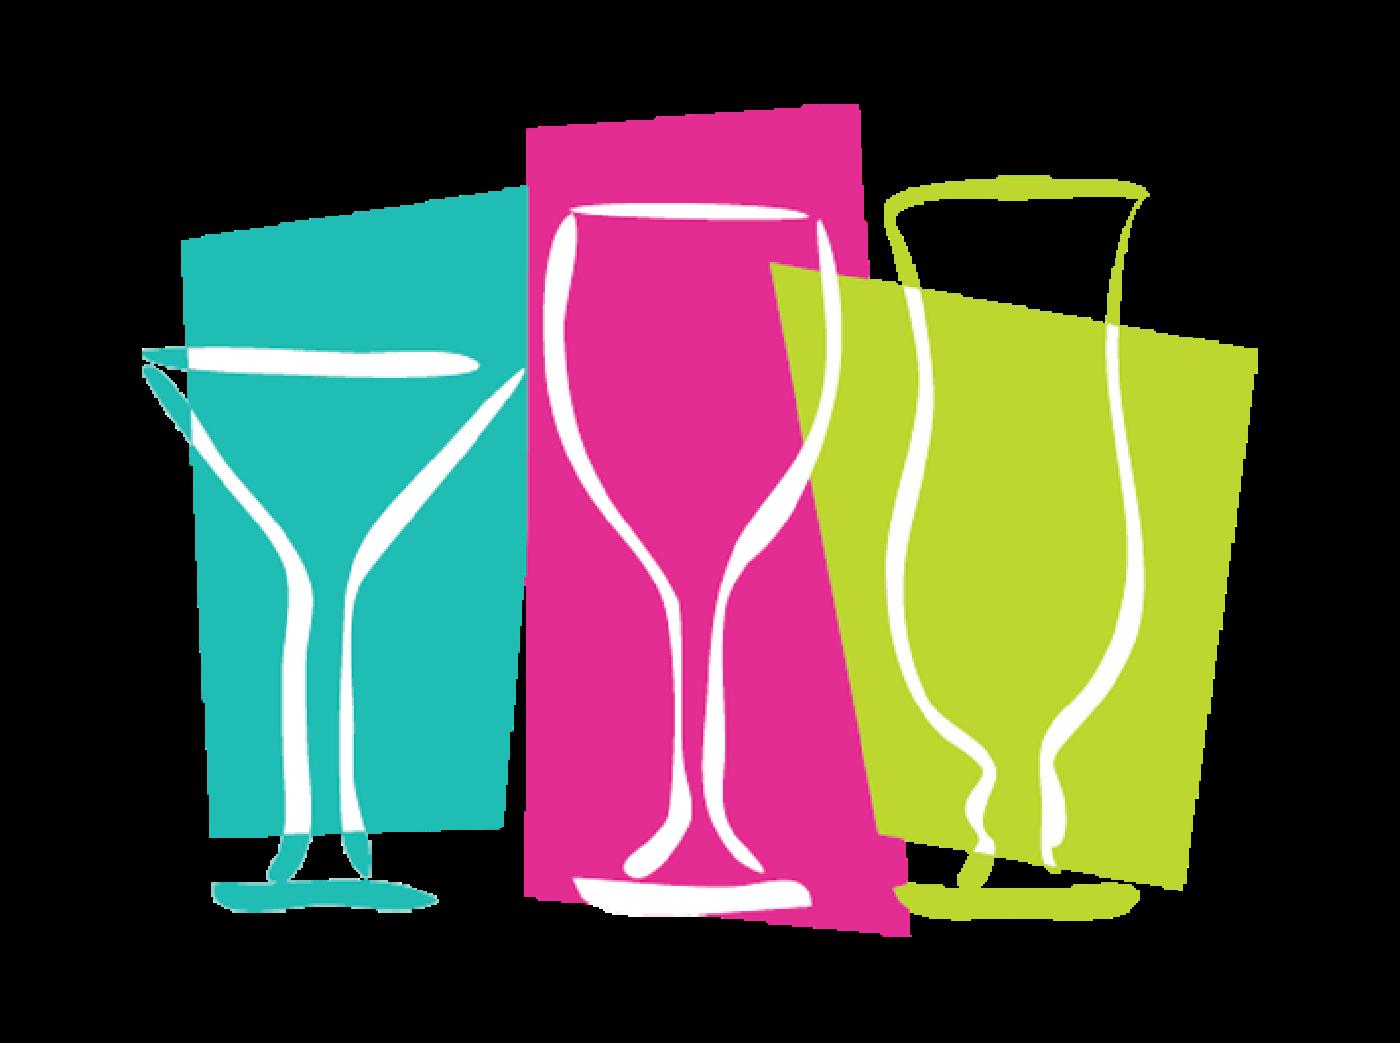 Cocktails clipart retro cocktail, Cocktails retro cocktail.